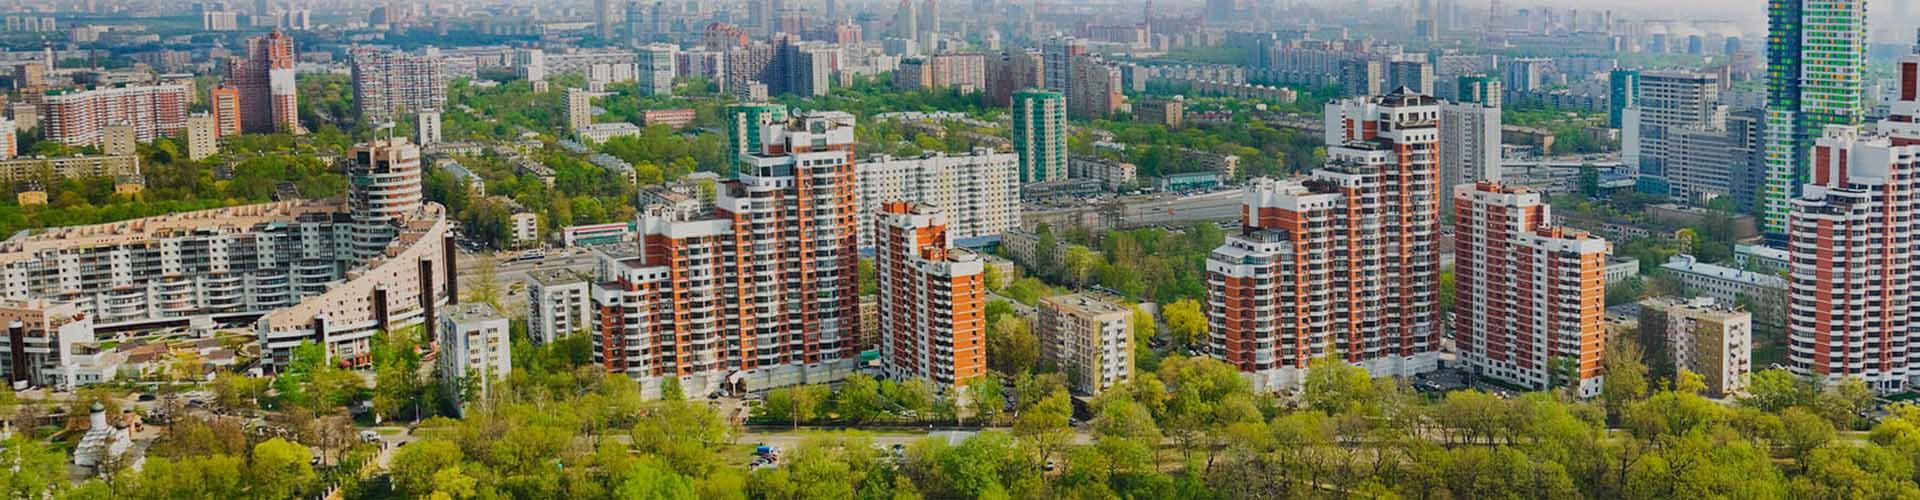 Продам недвижимость красноярск объявления читать работа дать объявление премьер харькове